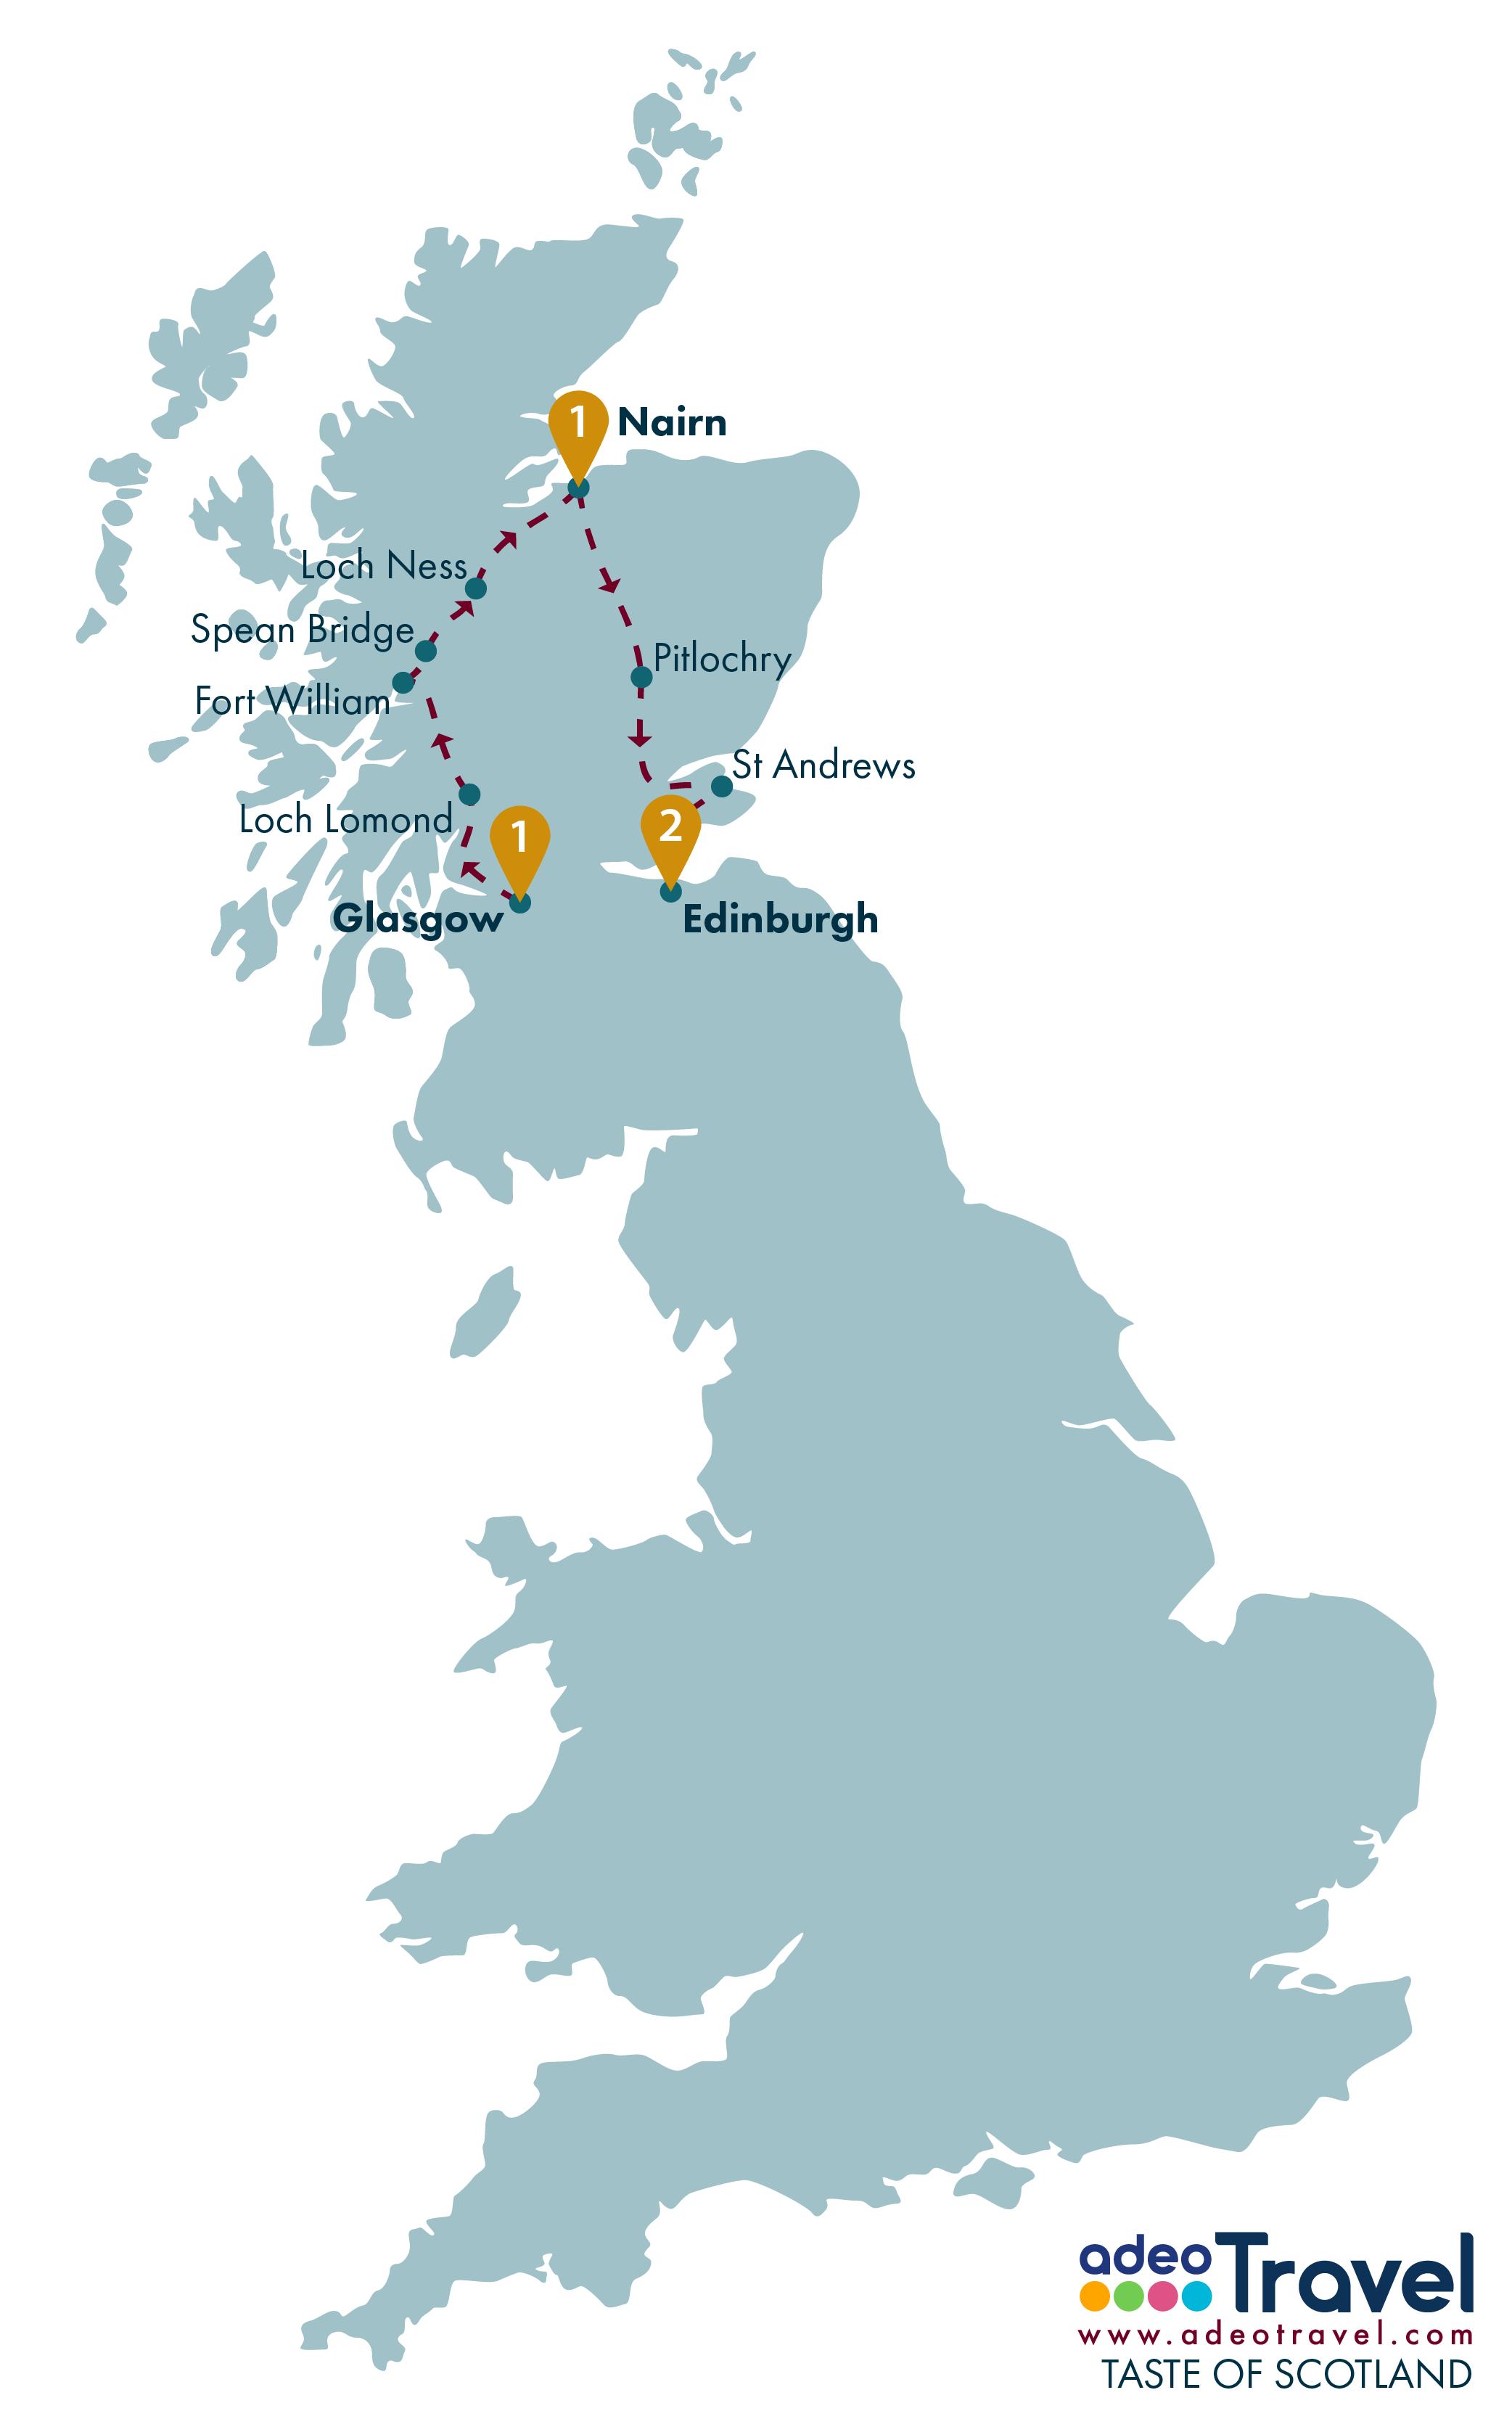 Tour Map - Taste of Scotland